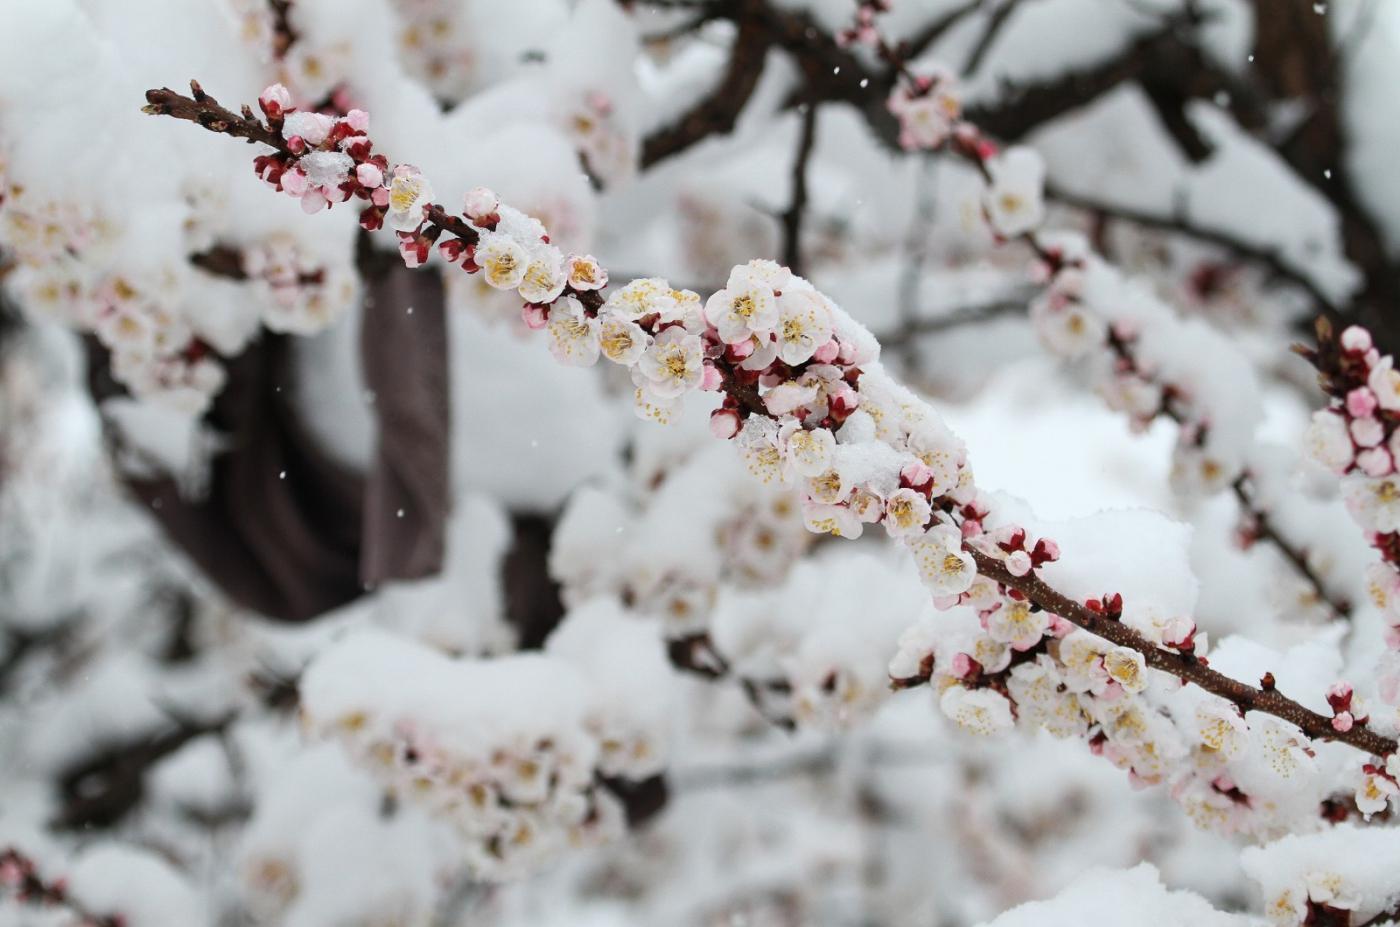 【田螺手机摄影】今早下雪去拍梅花_图1-9